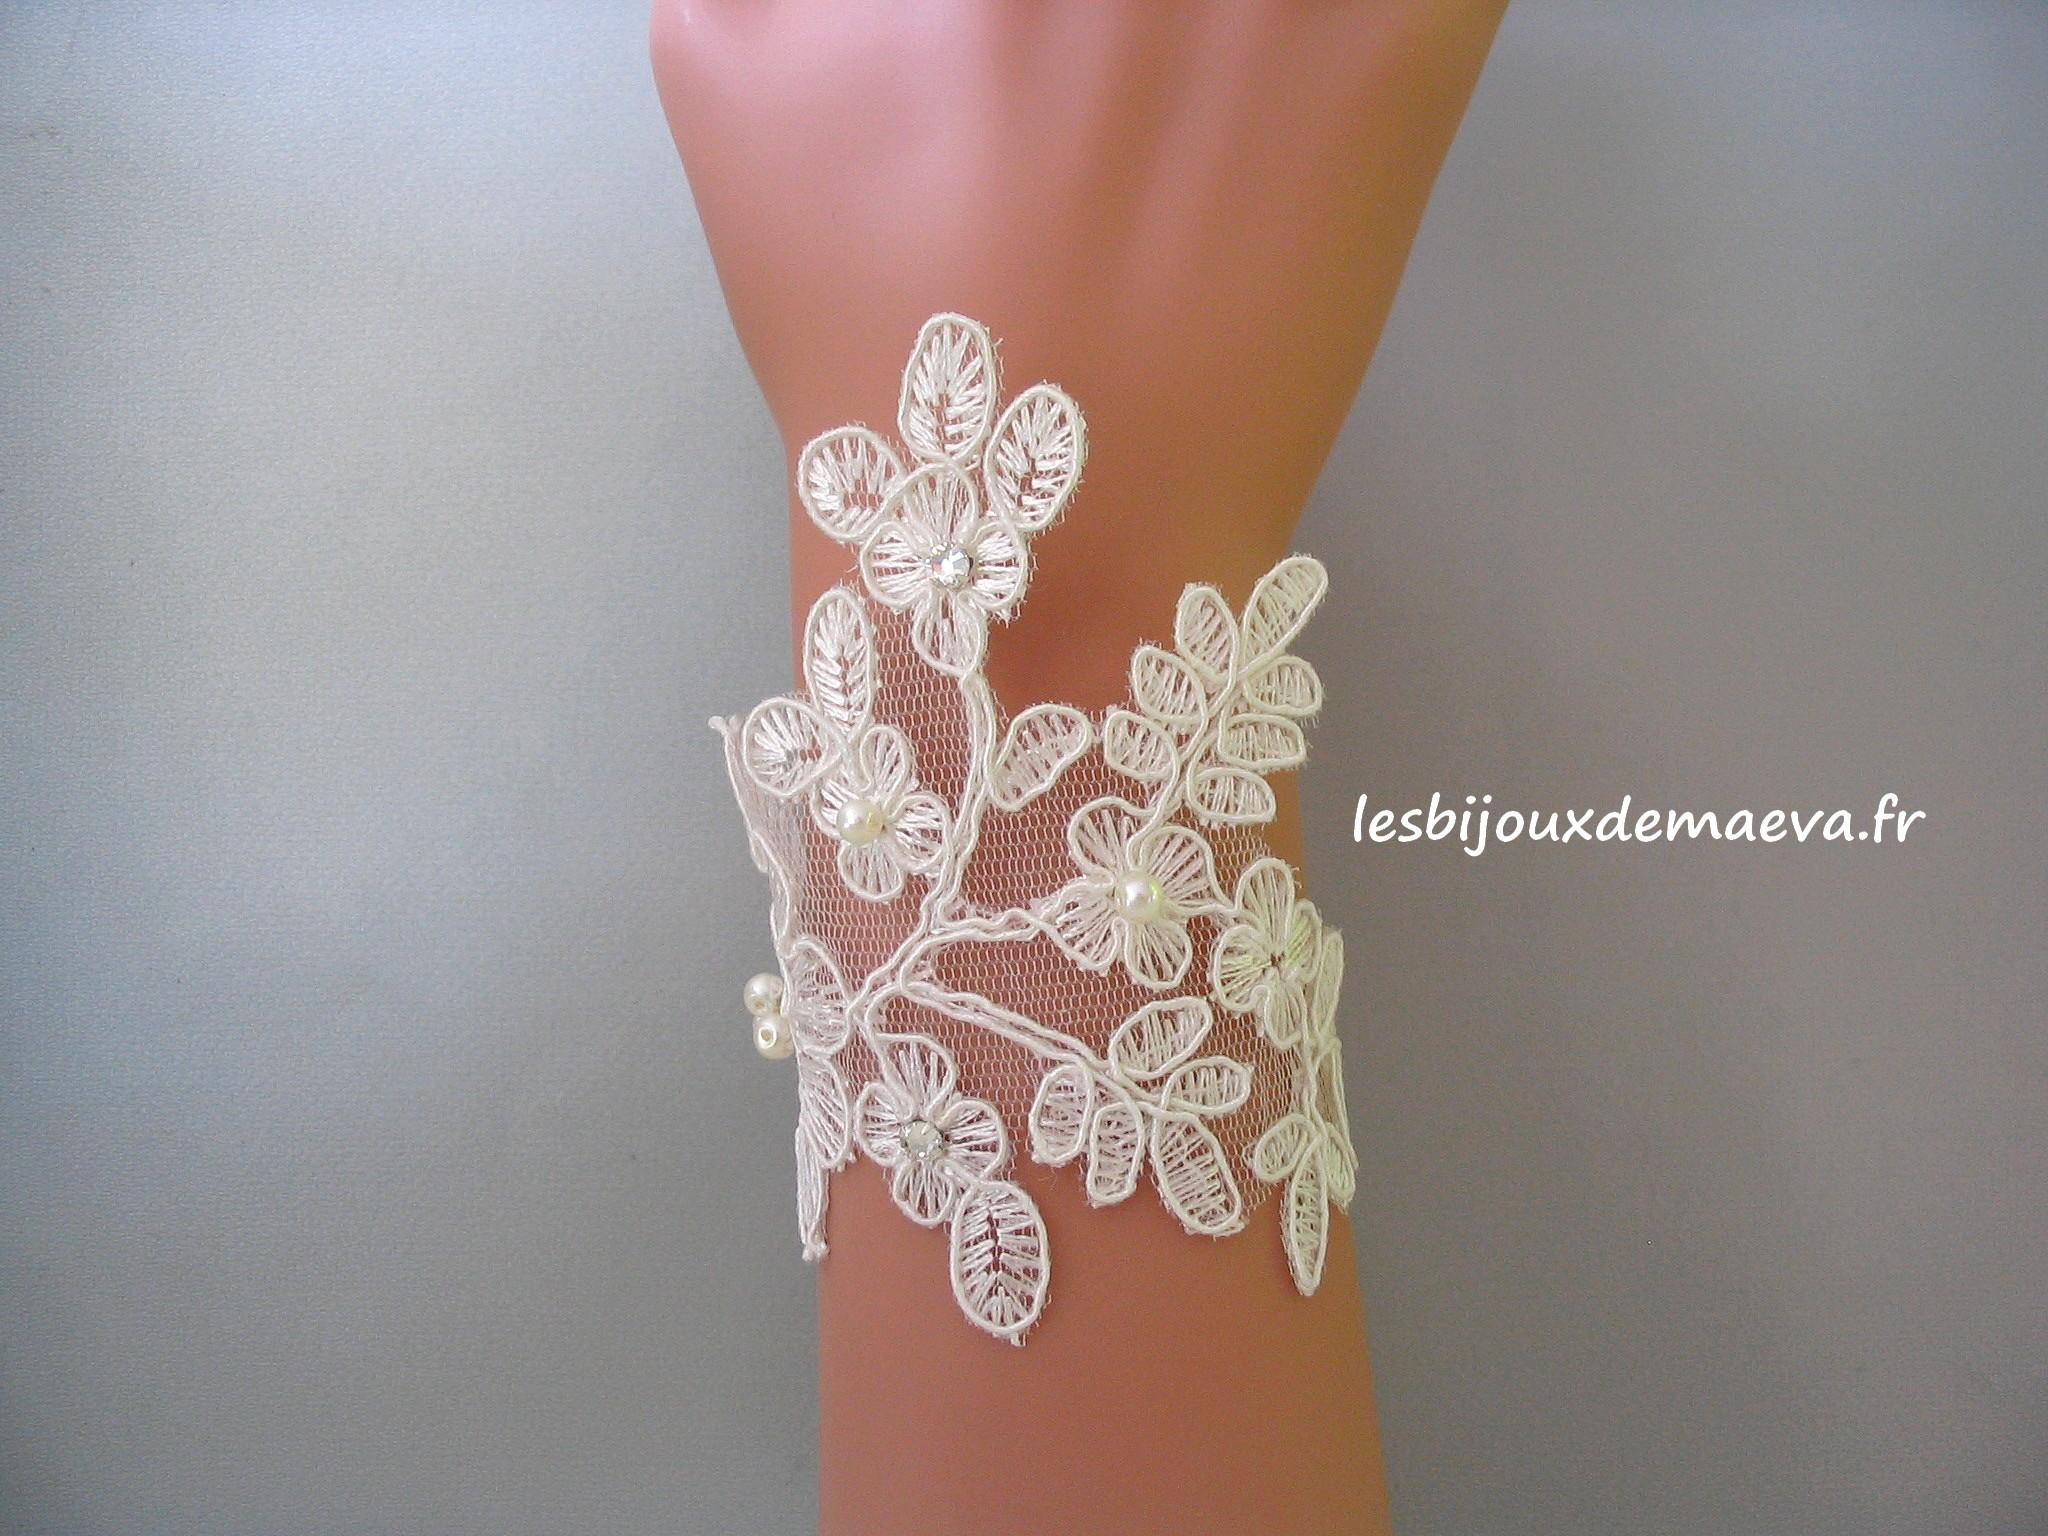 e836c3f196 Bijoux mariage dentelle bracelet Floral ivoire